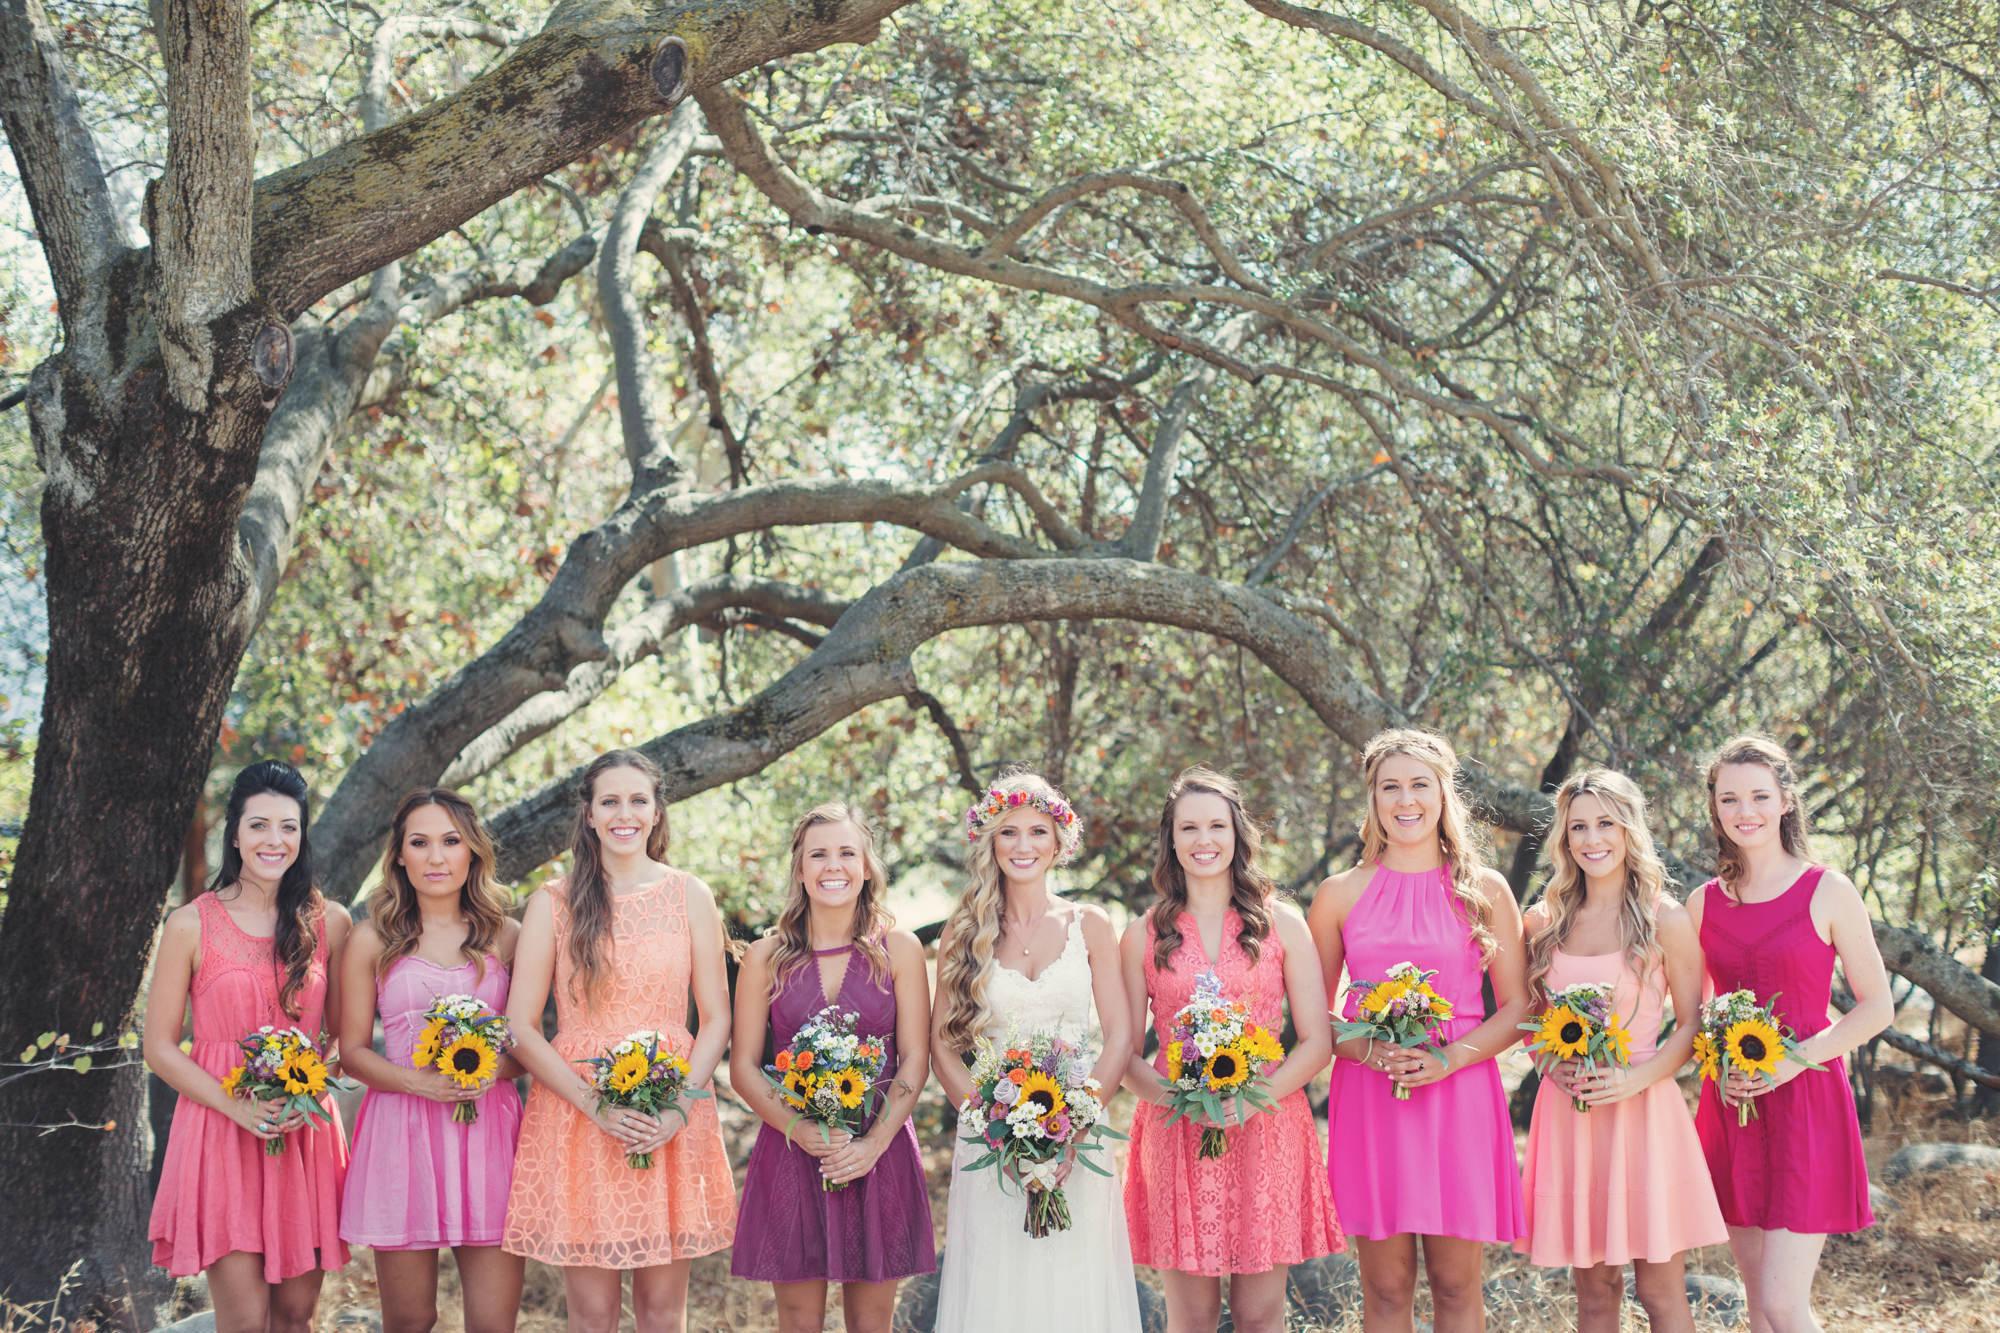 Rustic wedding in California ©Anne-Claire Brun 46